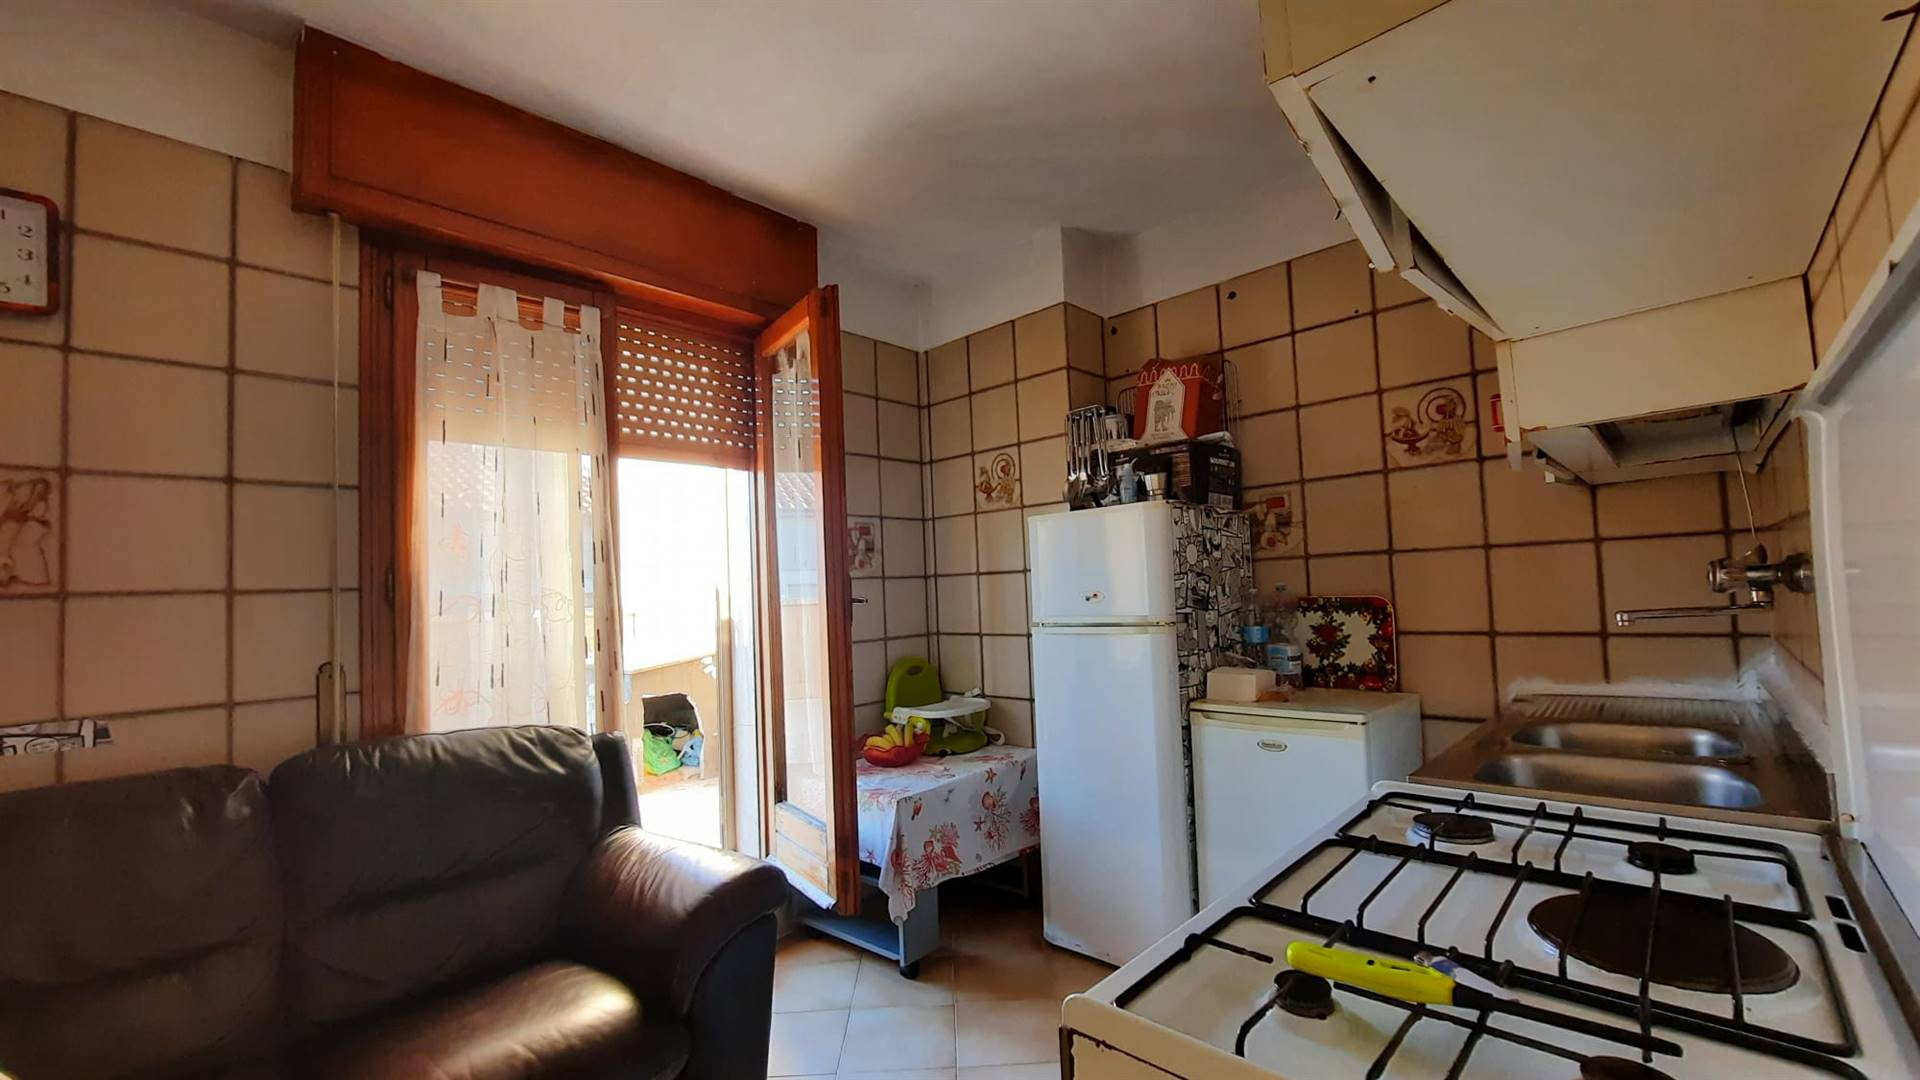 Attico / Mansarda in vendita a Altamura, 4 locali, zona Località: VIA MATERA, prezzo € 105.000   PortaleAgenzieImmobiliari.it